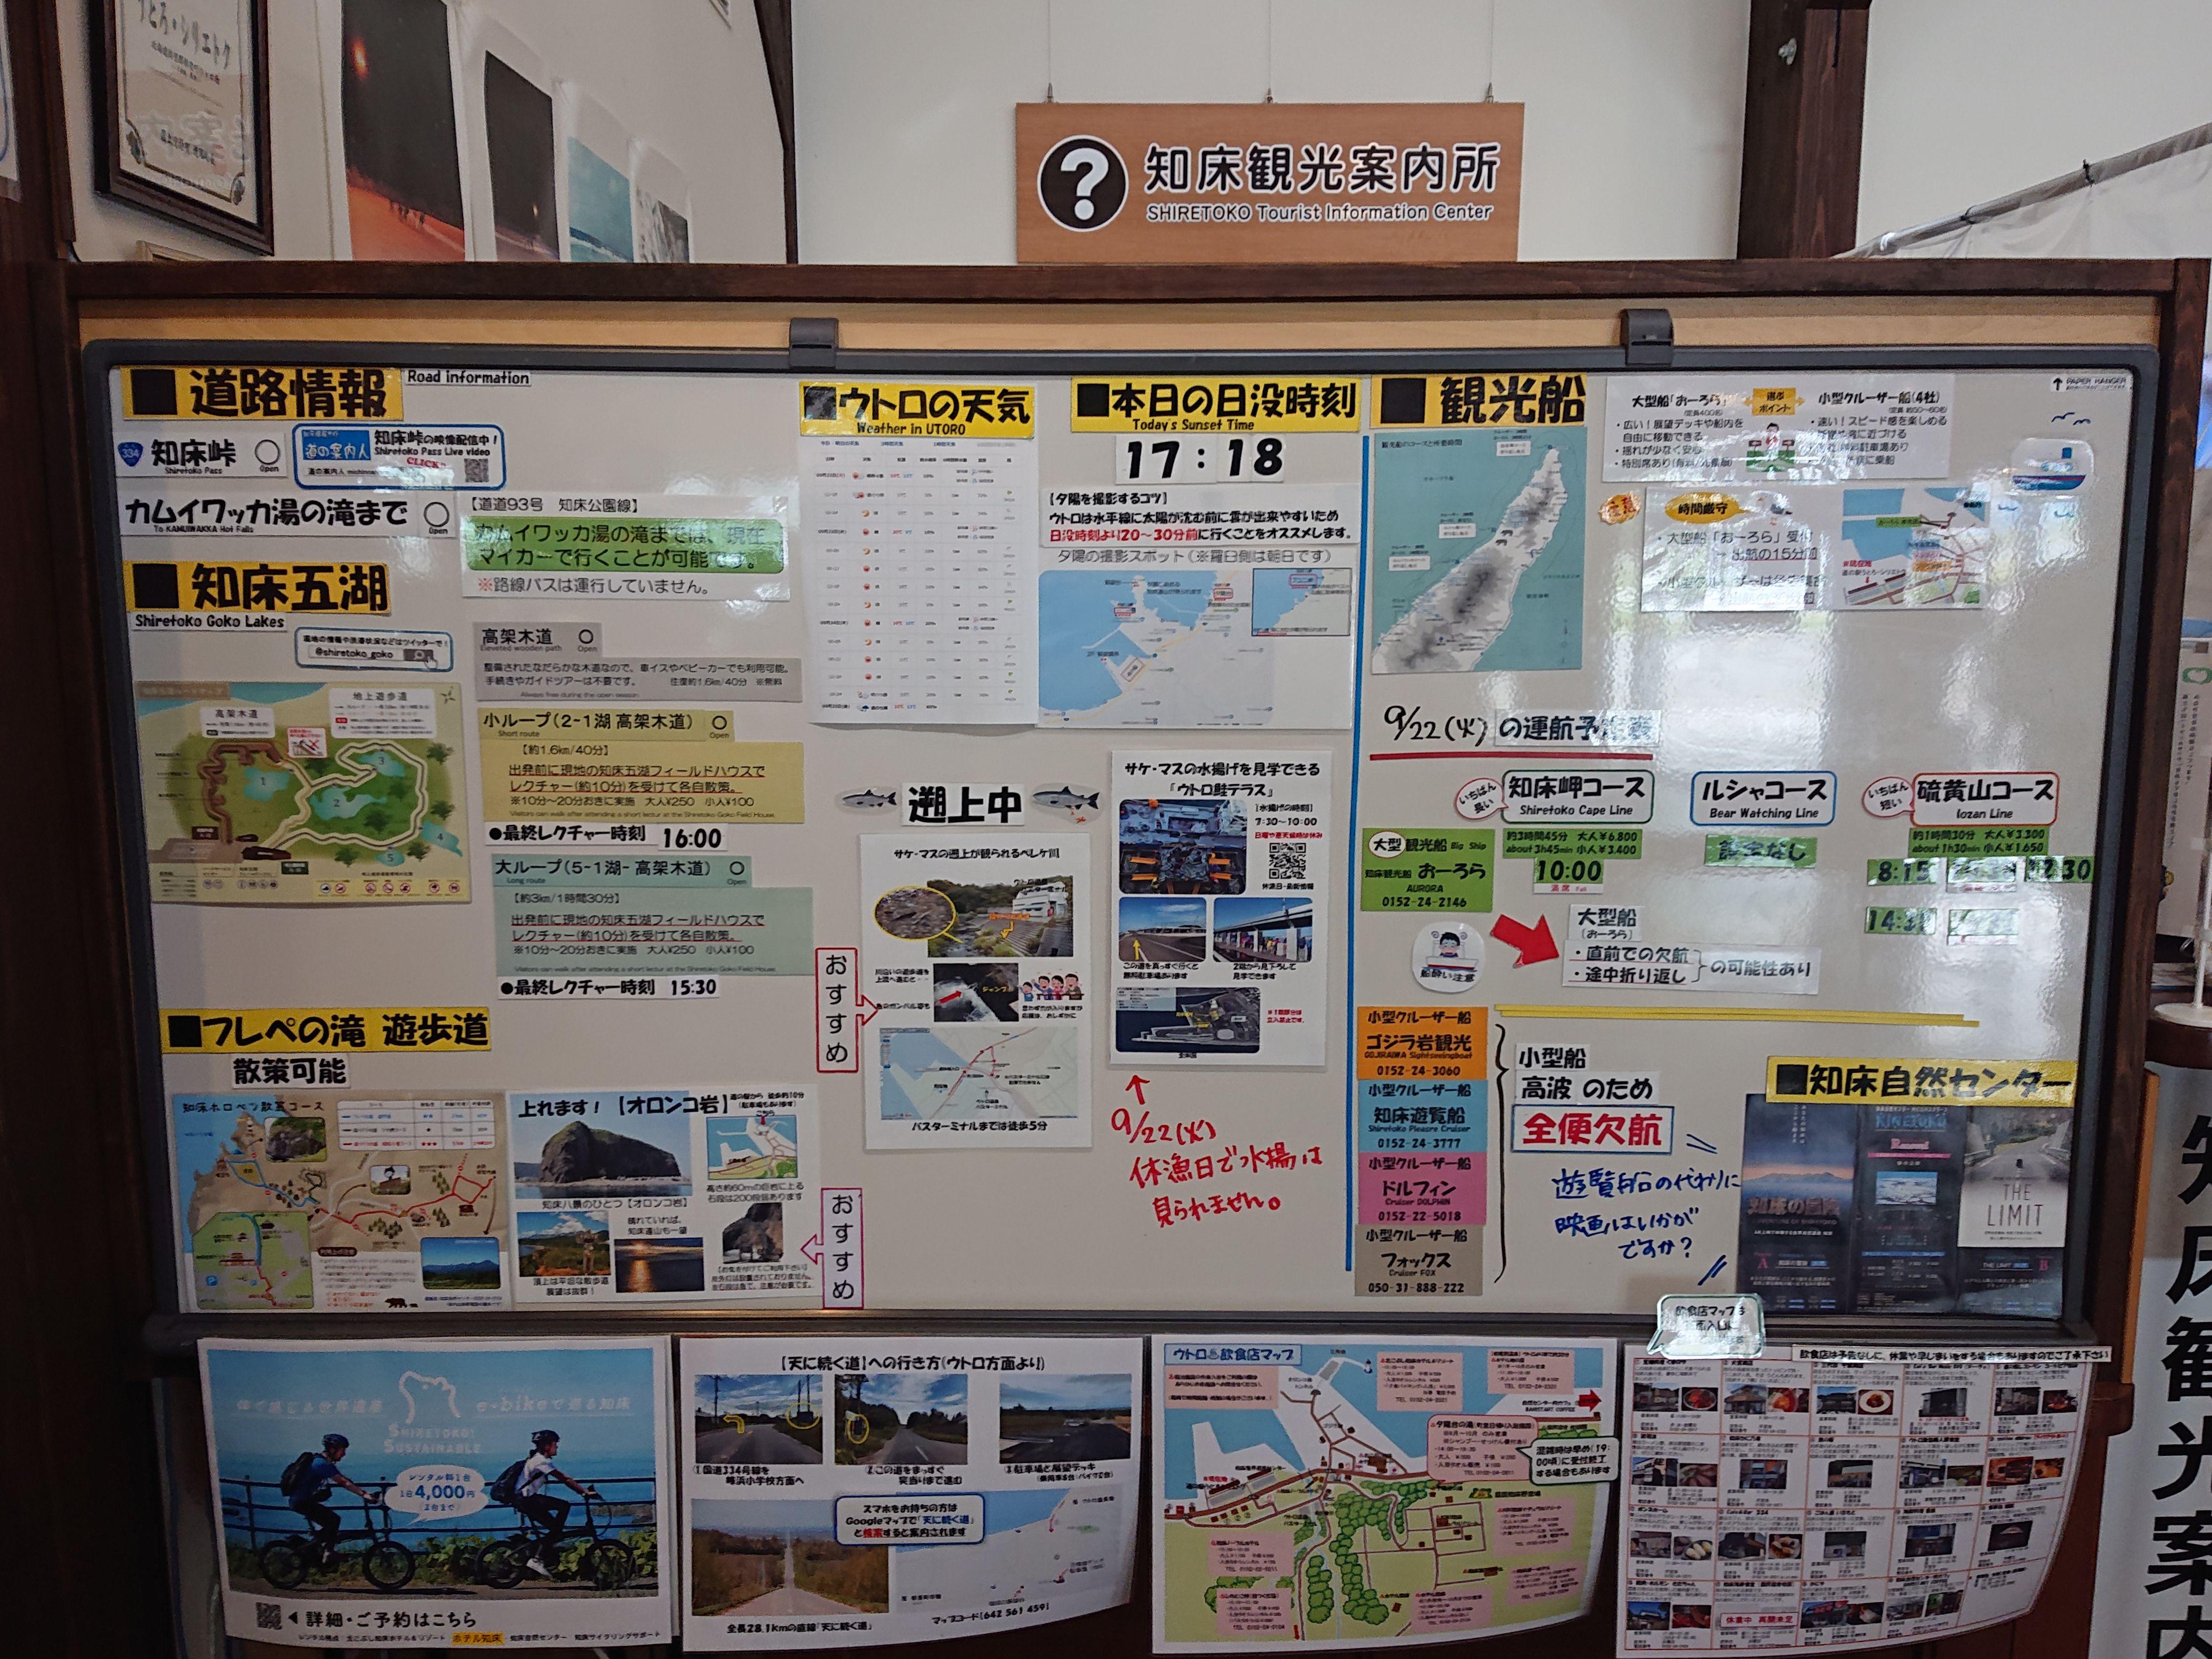 201015-01.jpg